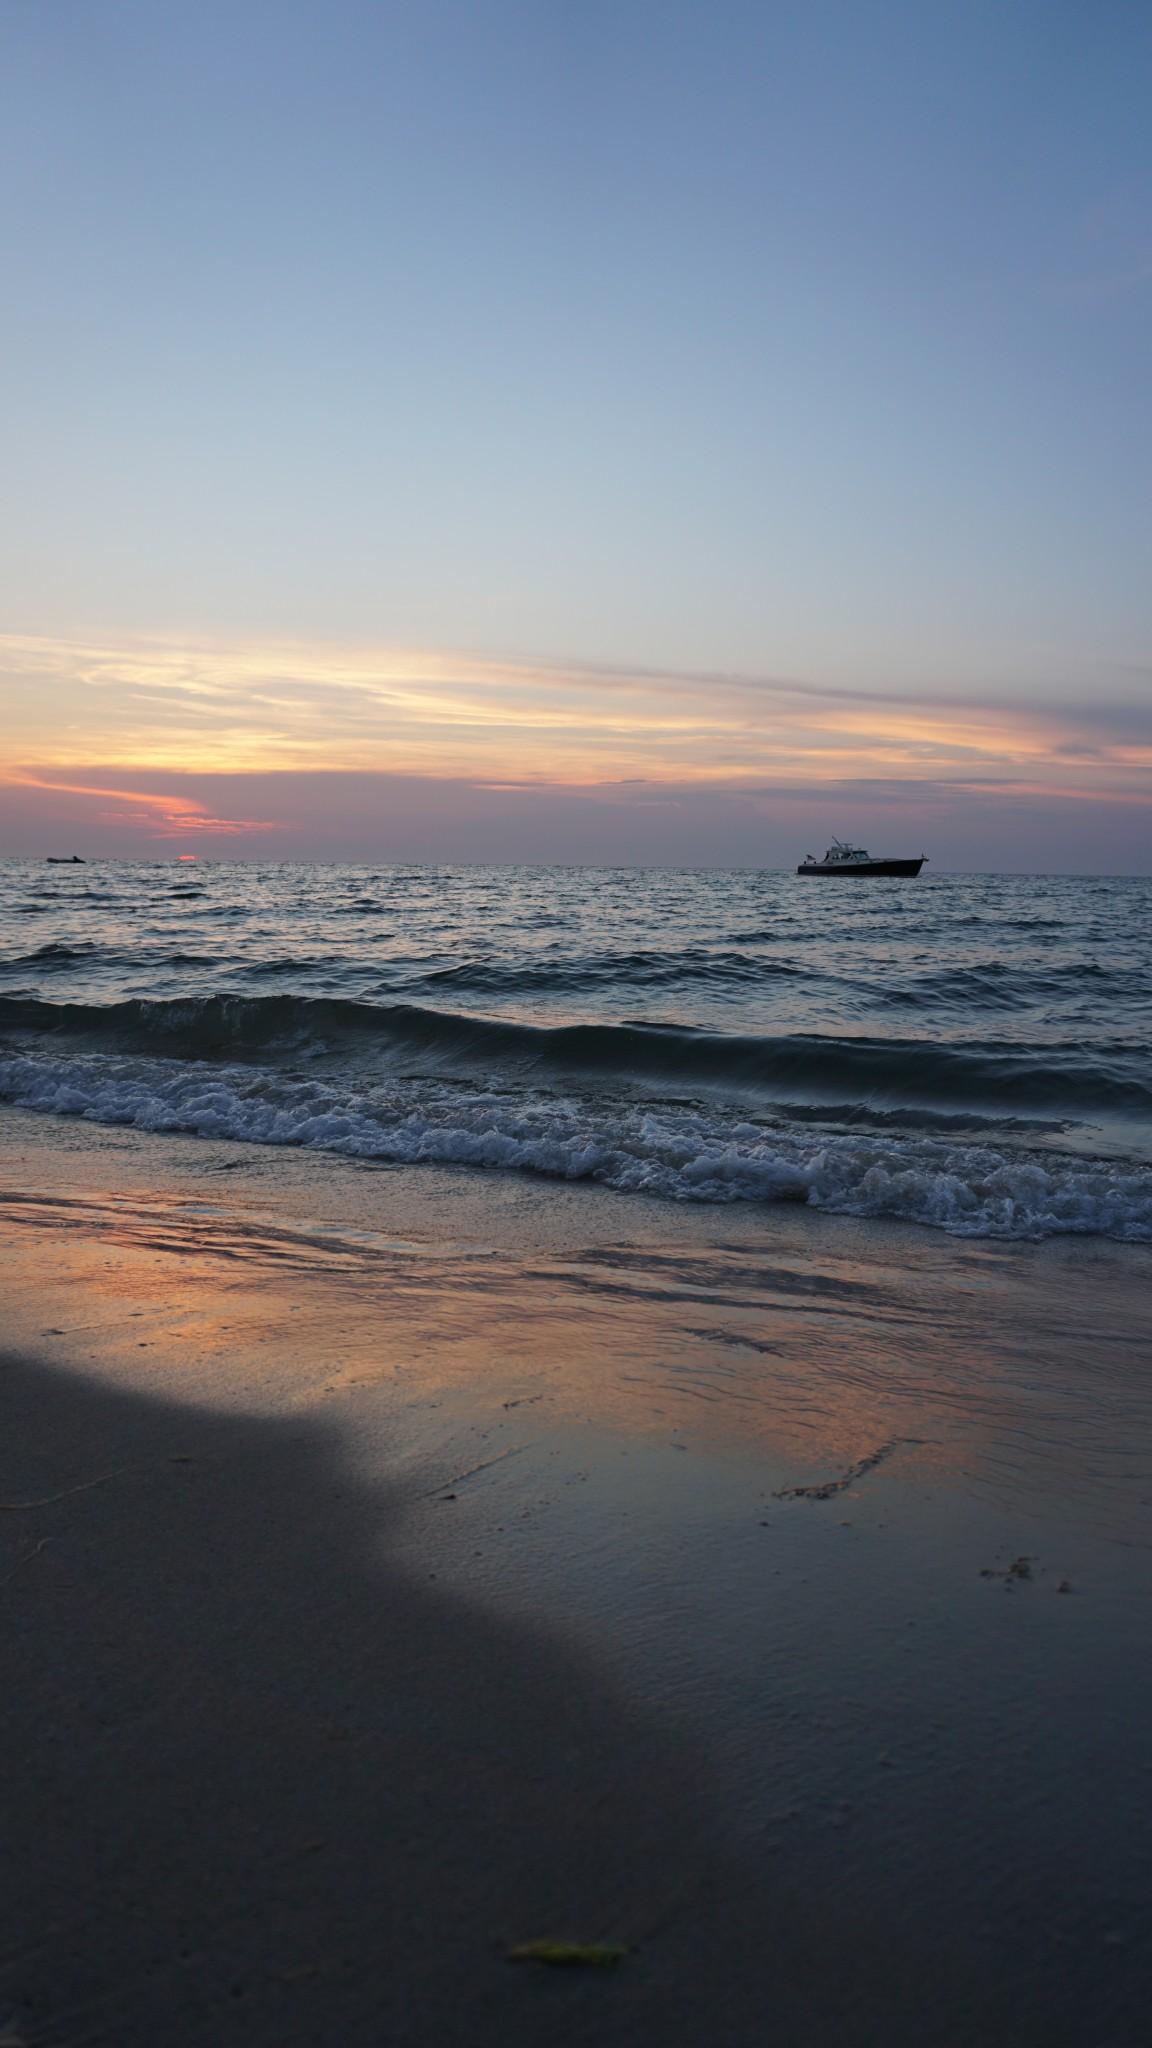 sunset galley beach, nantucket, the-alyst.com